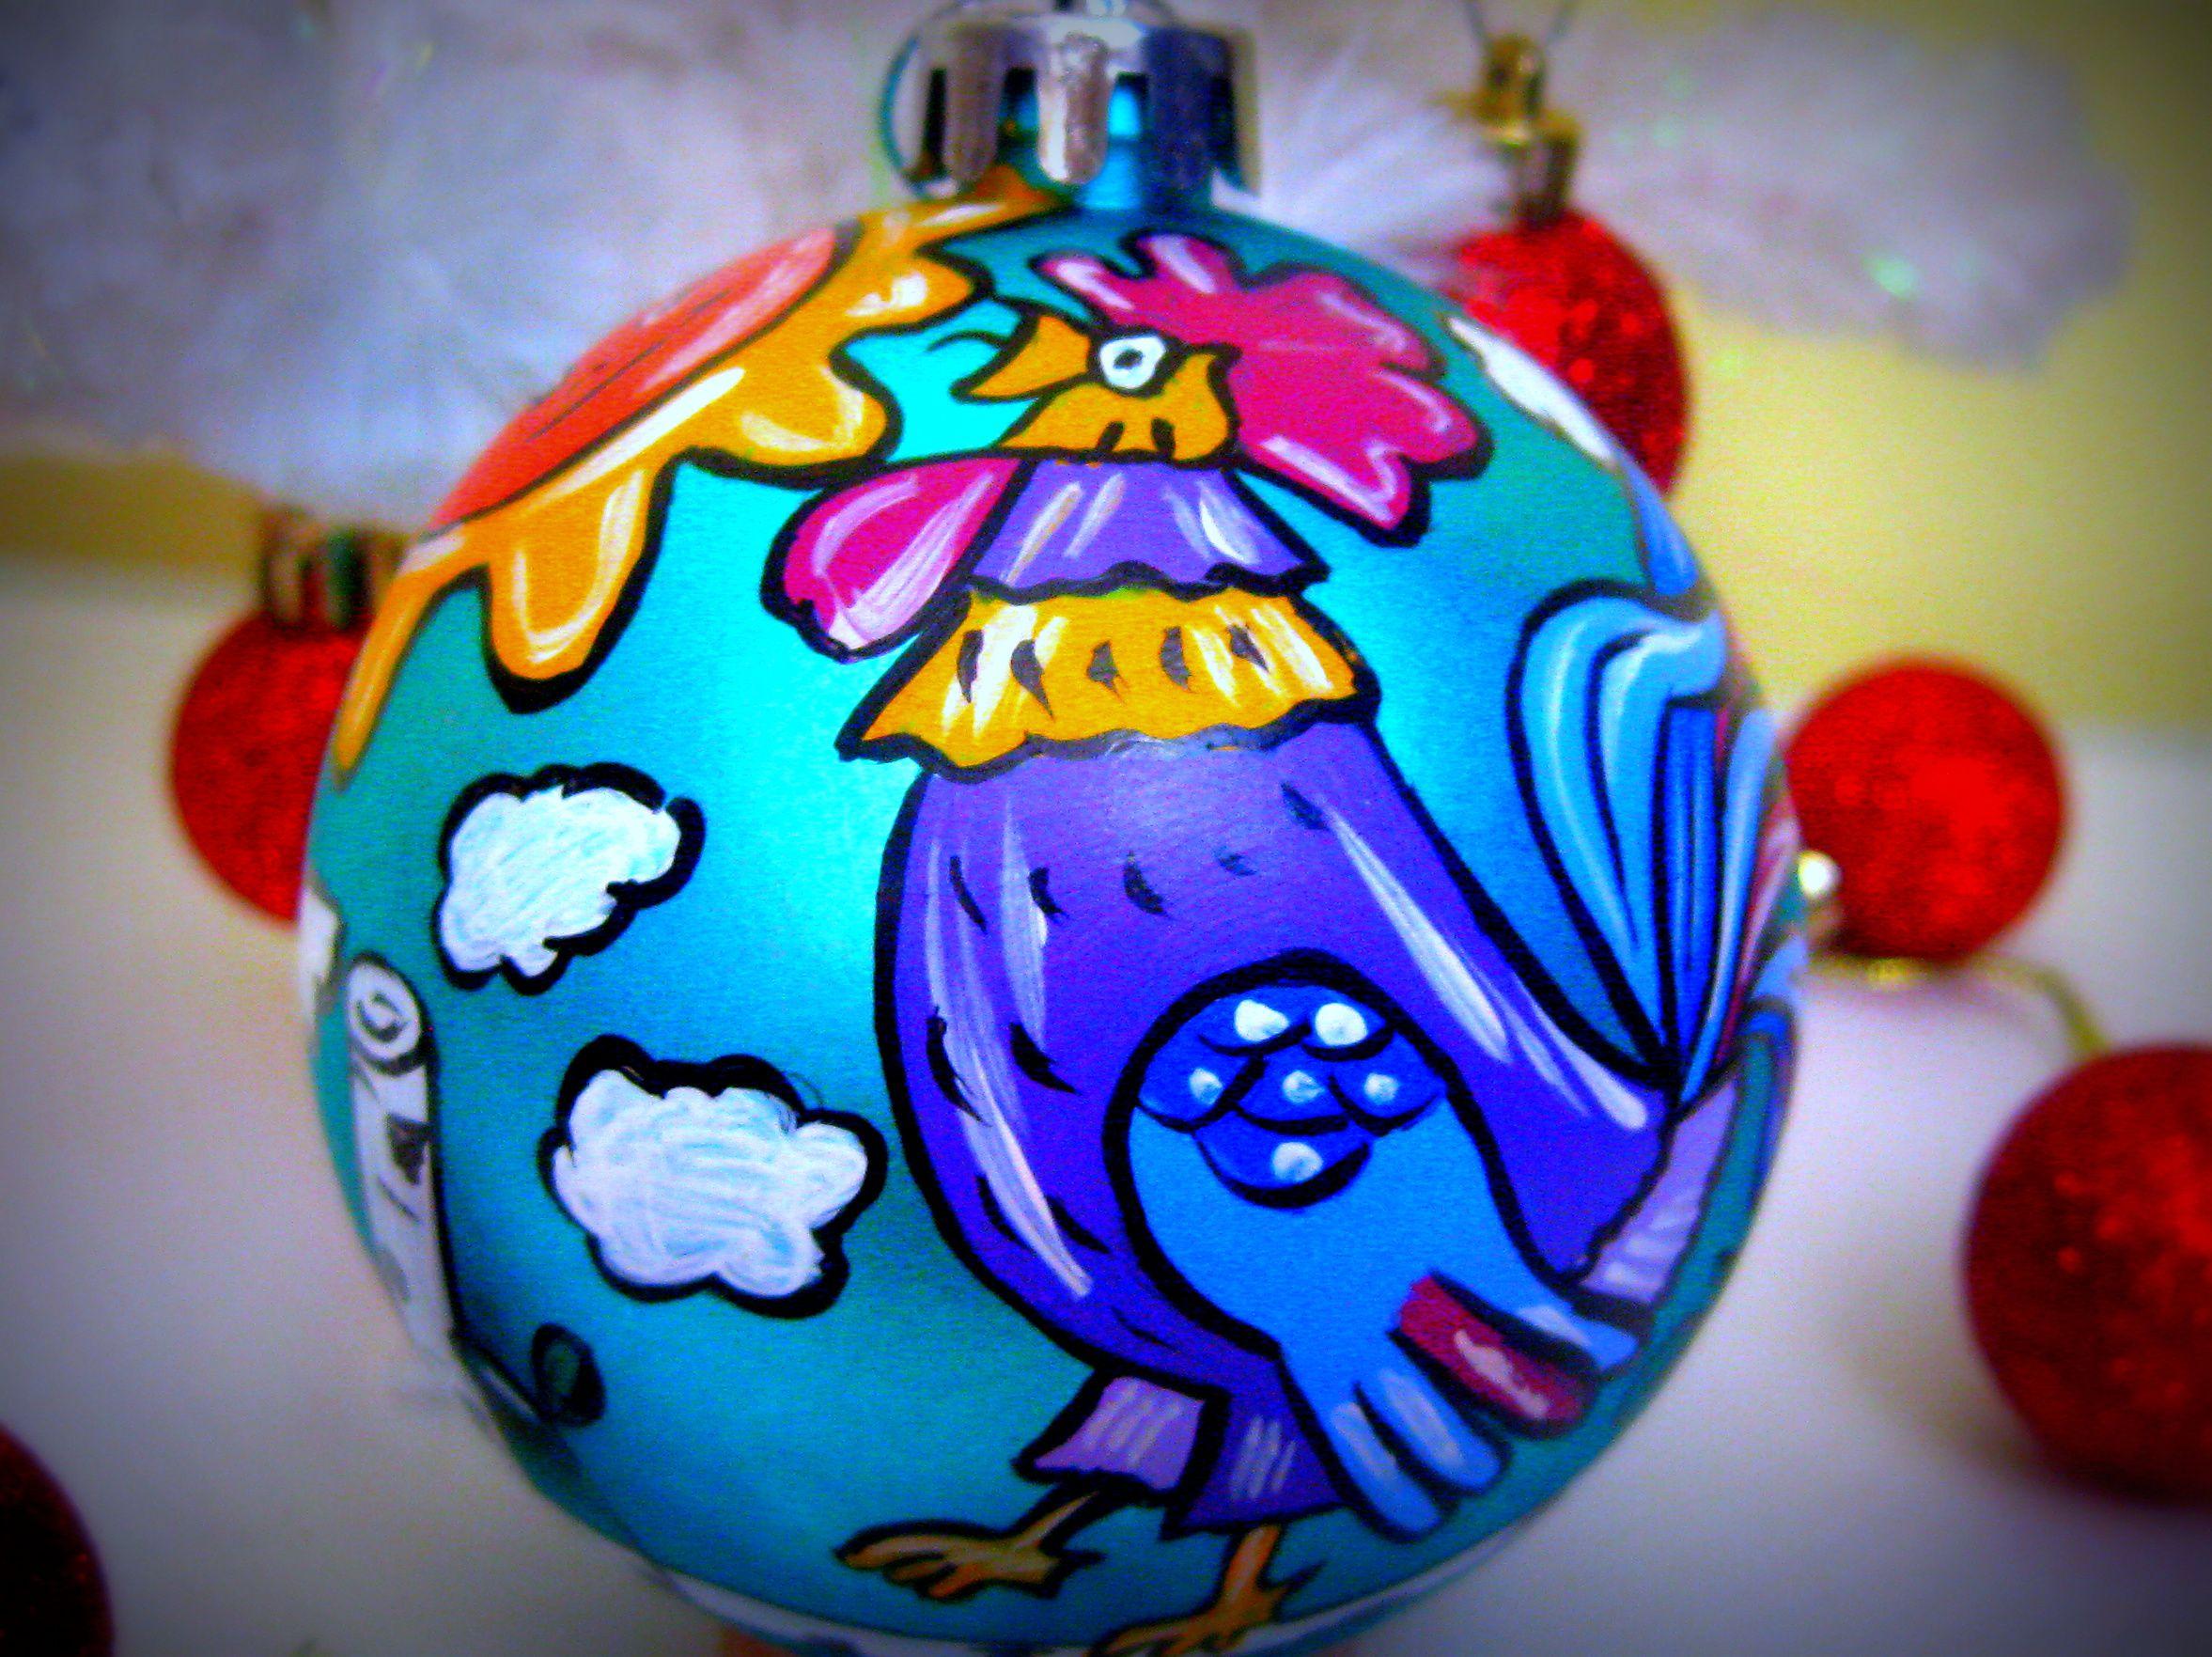 елочныеигрушки елочныеукрашения символгода новыйгод петушок праздник елка2017 елочныйшар